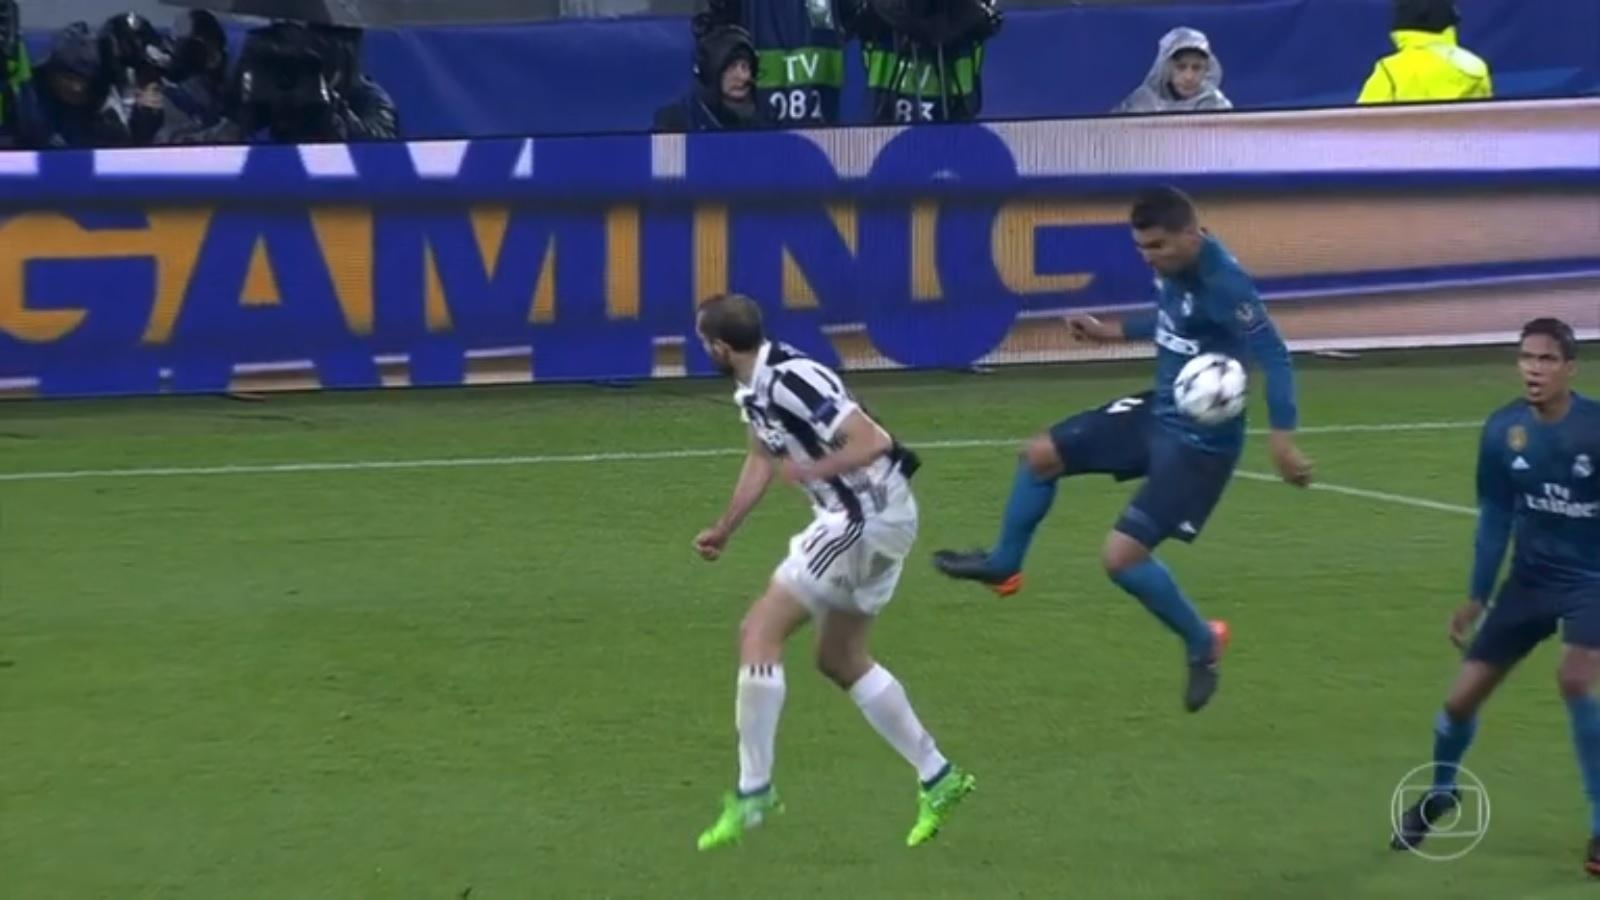 Juventus reclama de pênalti não marcado em toque no braço de Casemiro